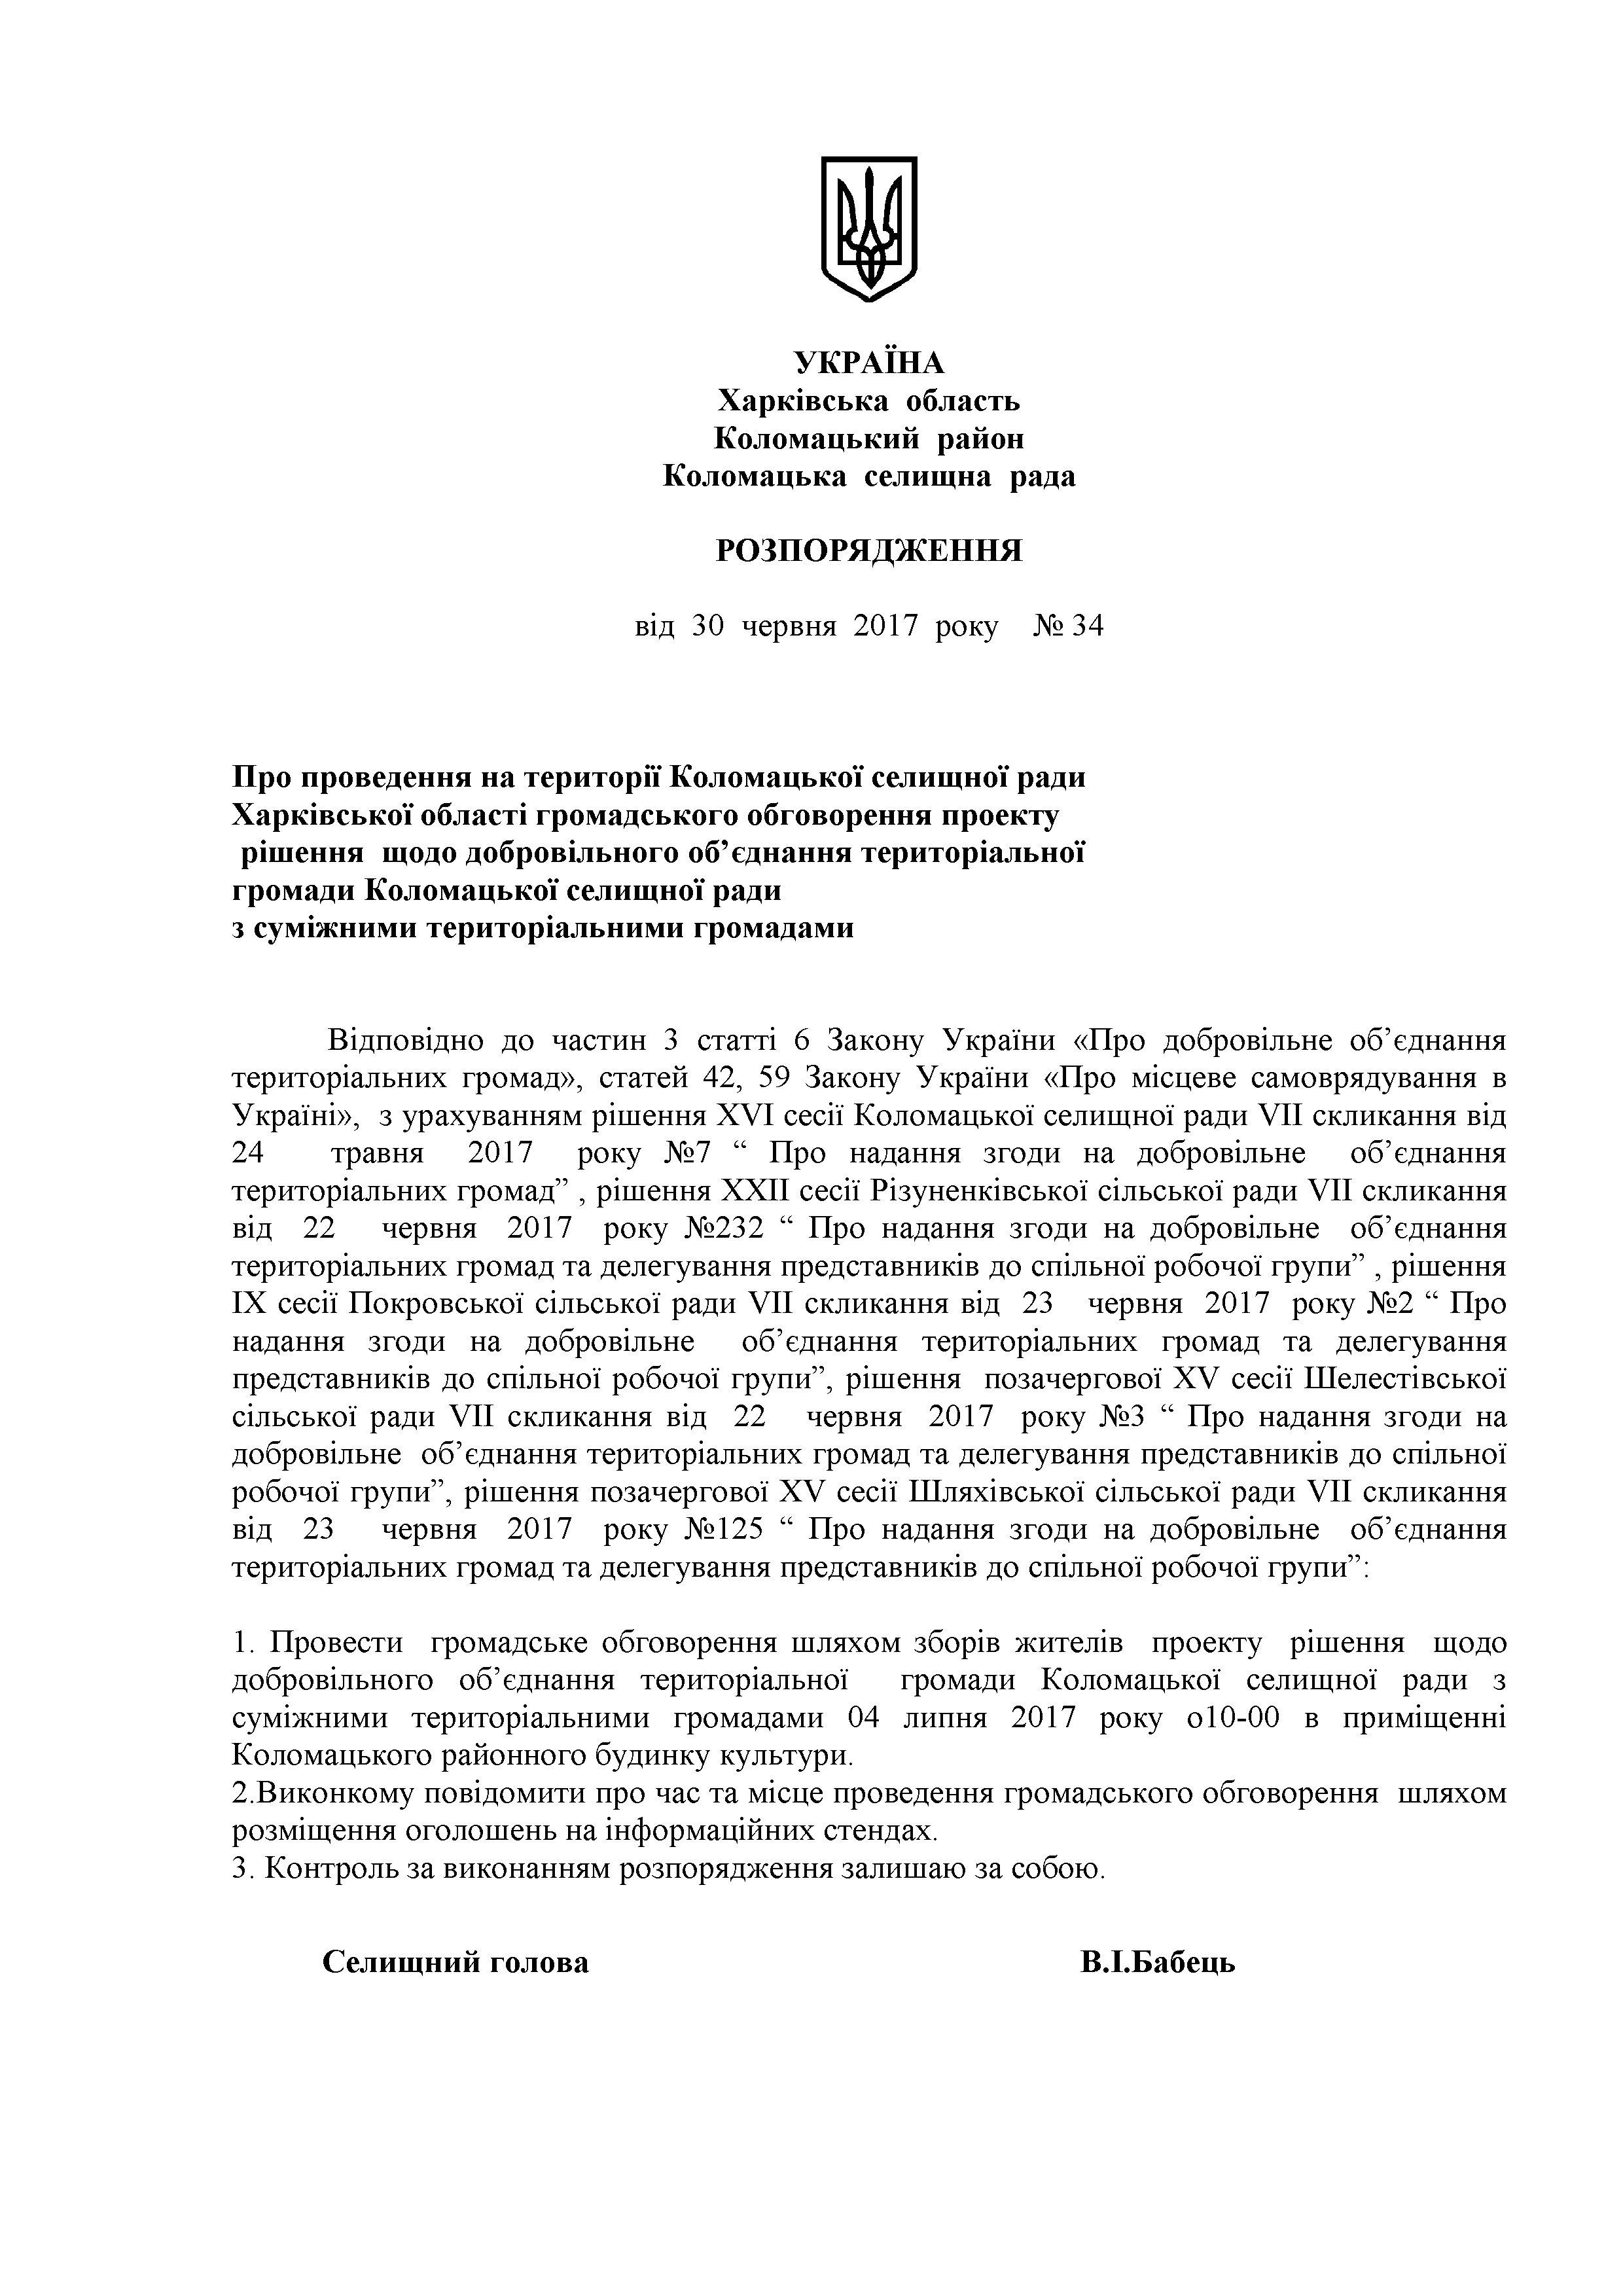 роз.№34 Об'єднання громадські обговорення проекту